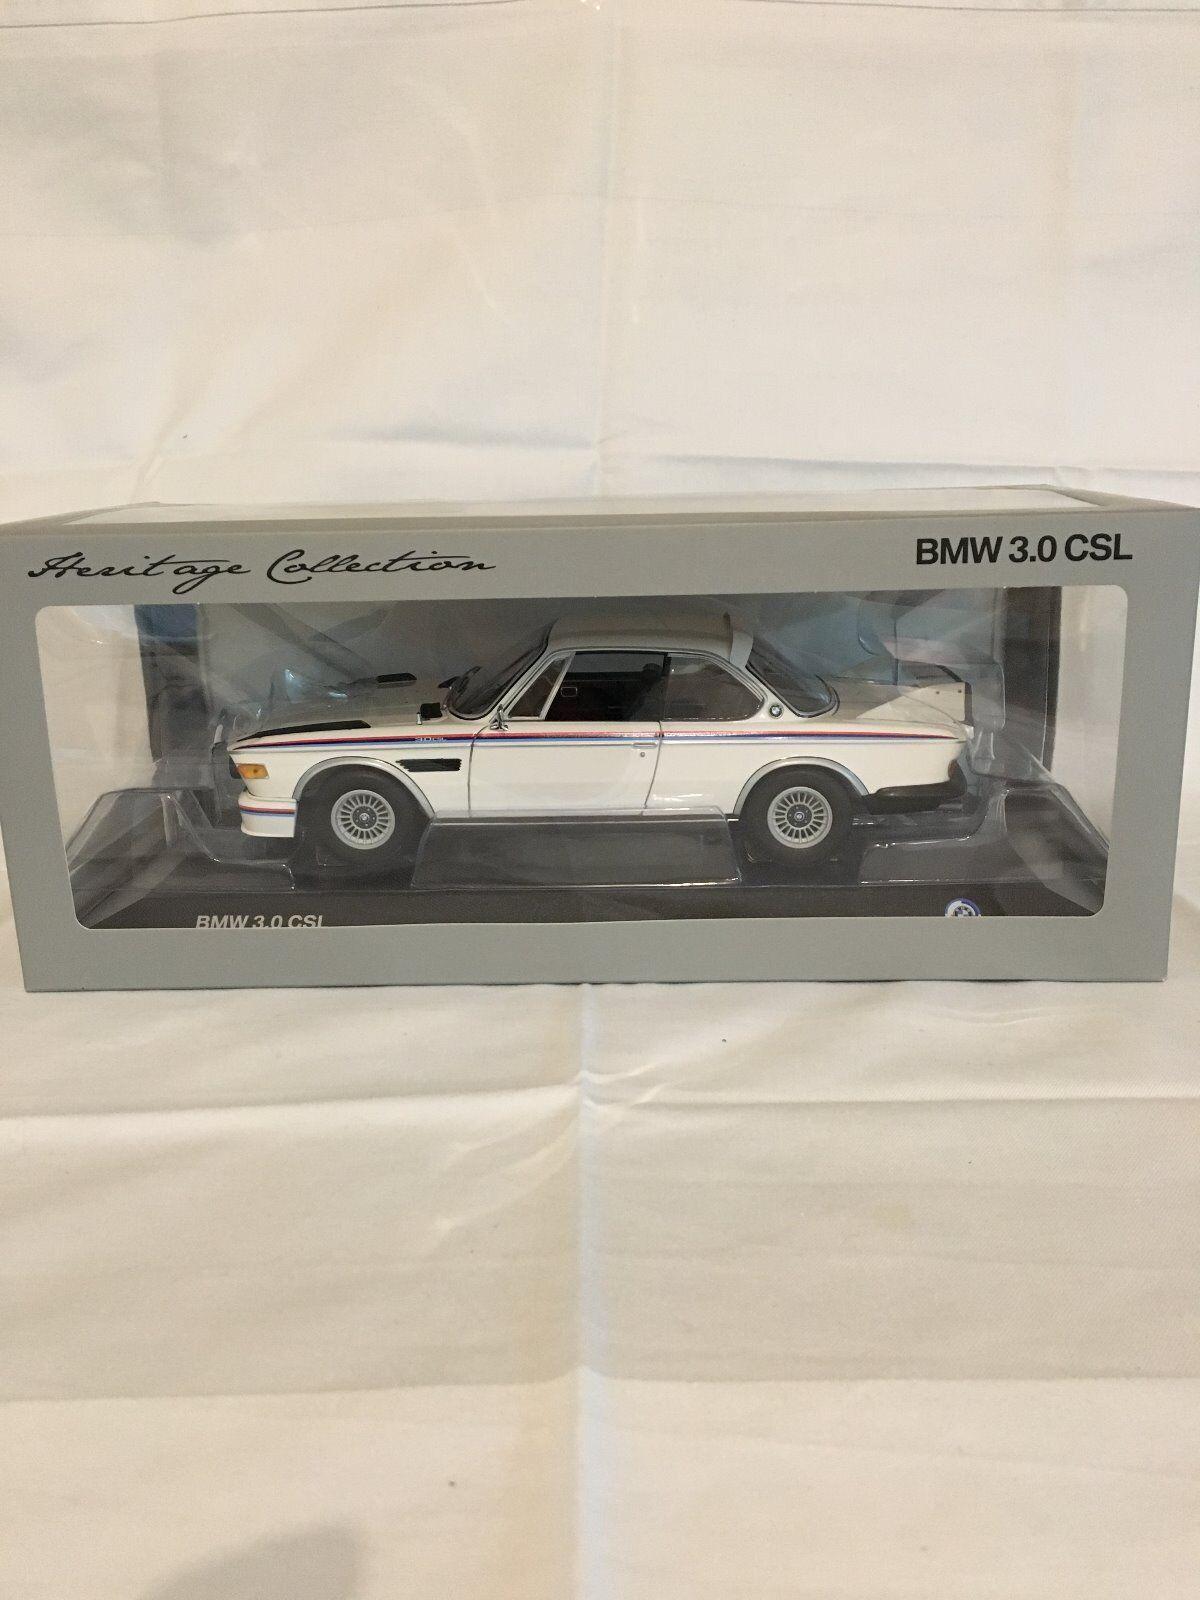 Modellauto Heritage Collection von MINICHAMPS BMW 3.0 CSL im Maßstab 1:18